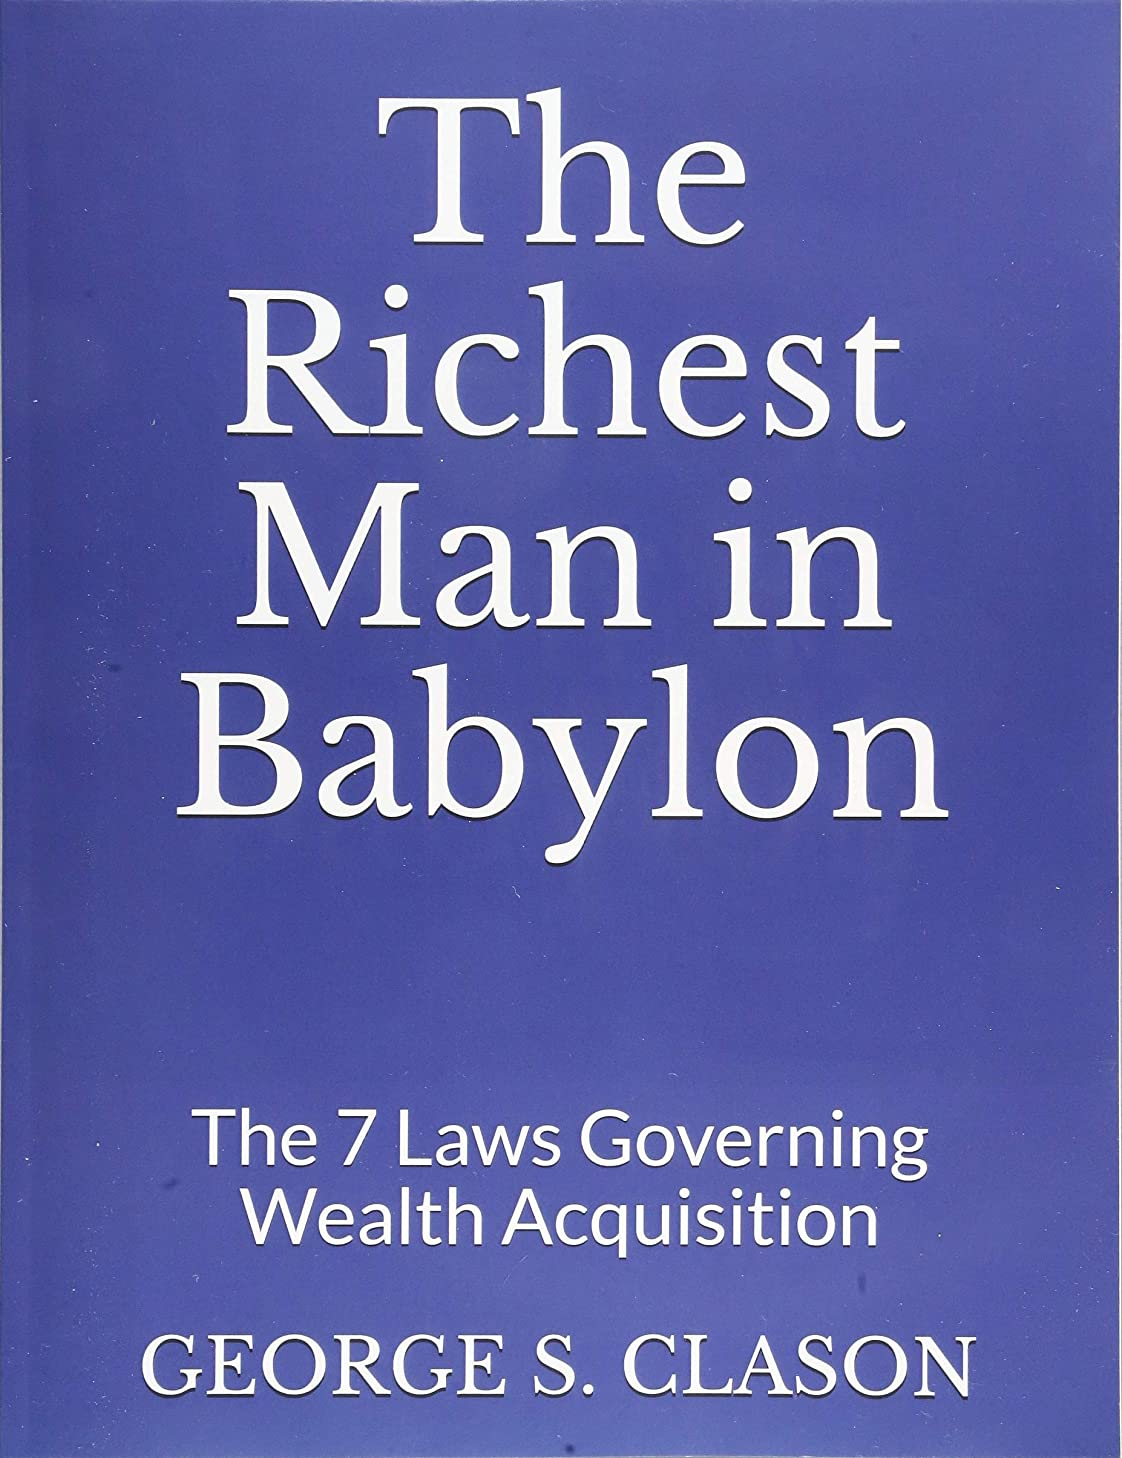 反対にカルシウム締め切りThe Richest Man in Babylon: The 7 Laws Governing Wealth Acquisition